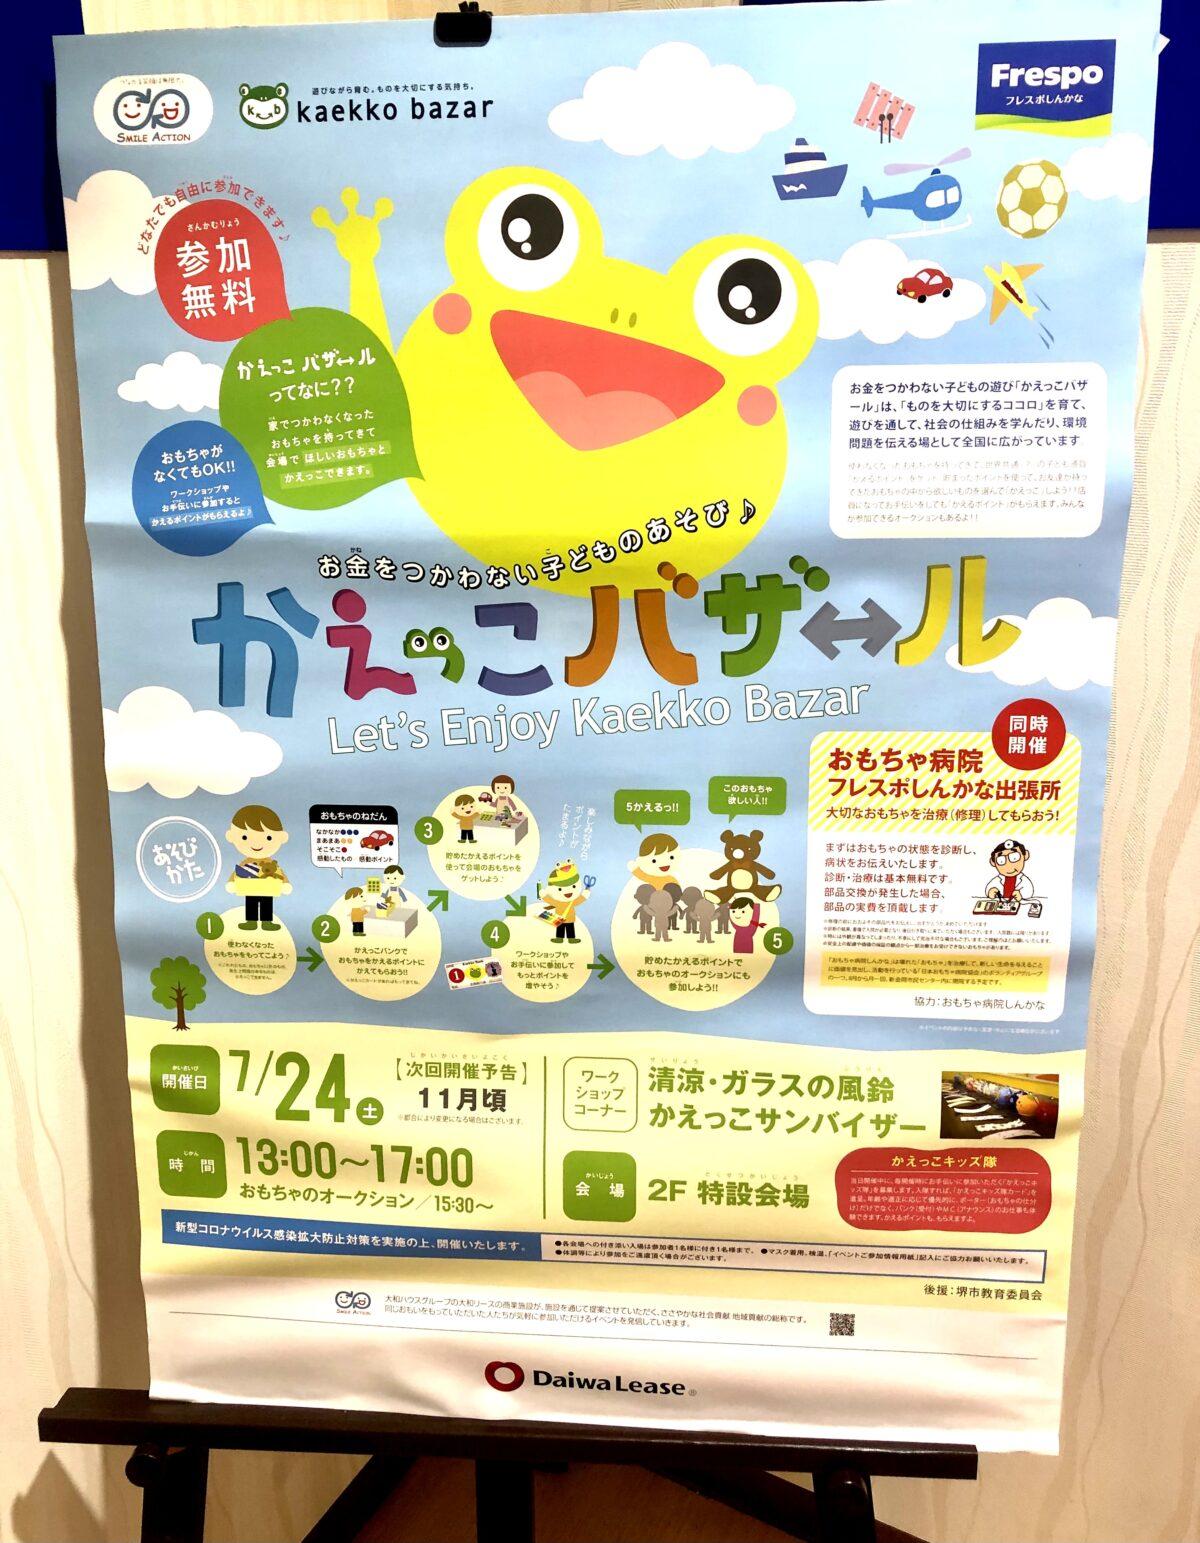 【2021.7/24(土)開催】堺市北区・フレスポしんかなでお金を使わない子どものあそび♪『かえっこバザール』が開催されますよ!!: